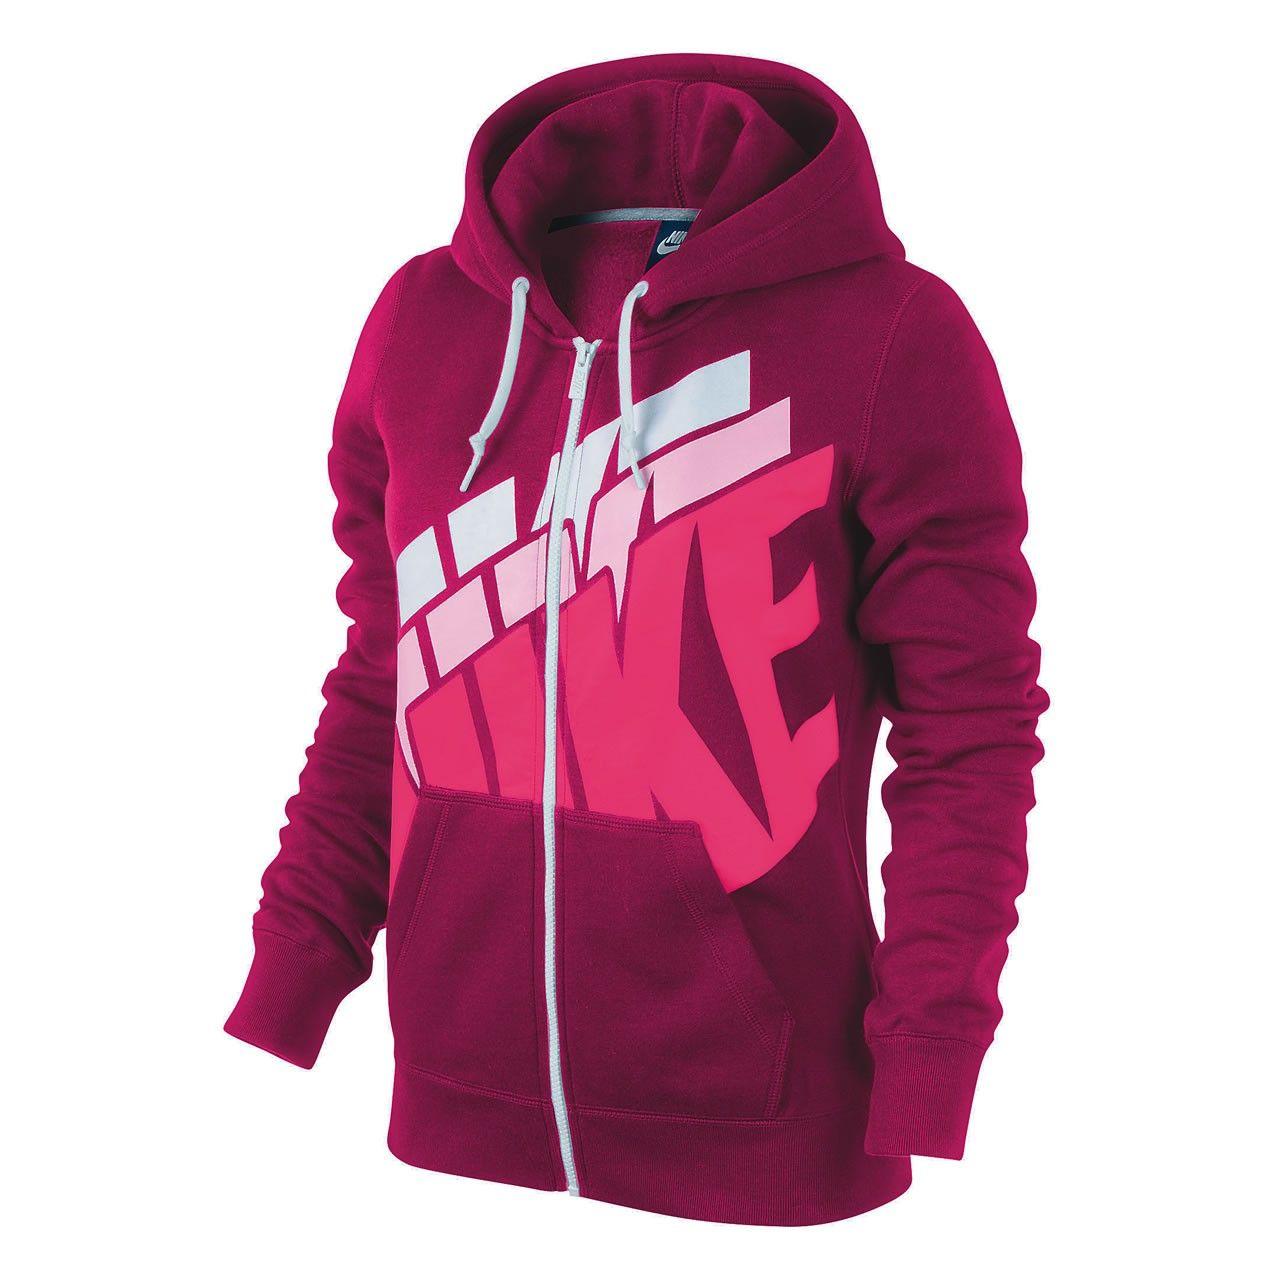 Sudadera Nike Sudadera Nike Marca De Ropa Sudaderas Deportivas Mujer